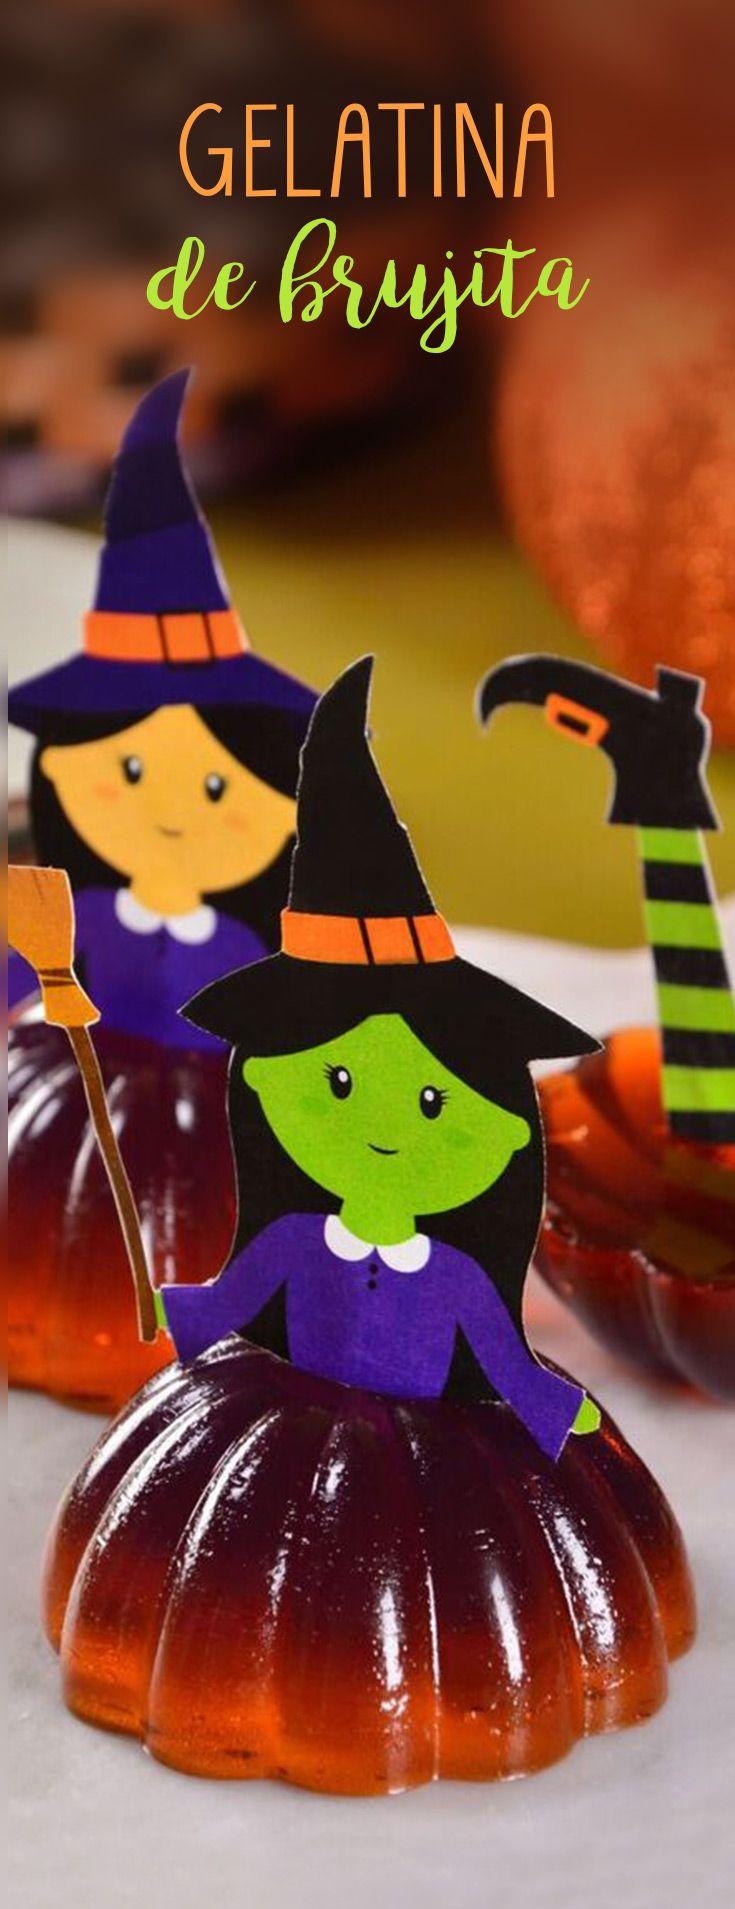 Si eres amante de las gelatinas tienes que probar estas gelatinas de bruja para Halloween y Día de Muertos. Es un postre fácil y rápido que le encantará a todos en tu fiesta de disfraces que puedes combinar los colores que prefieras.